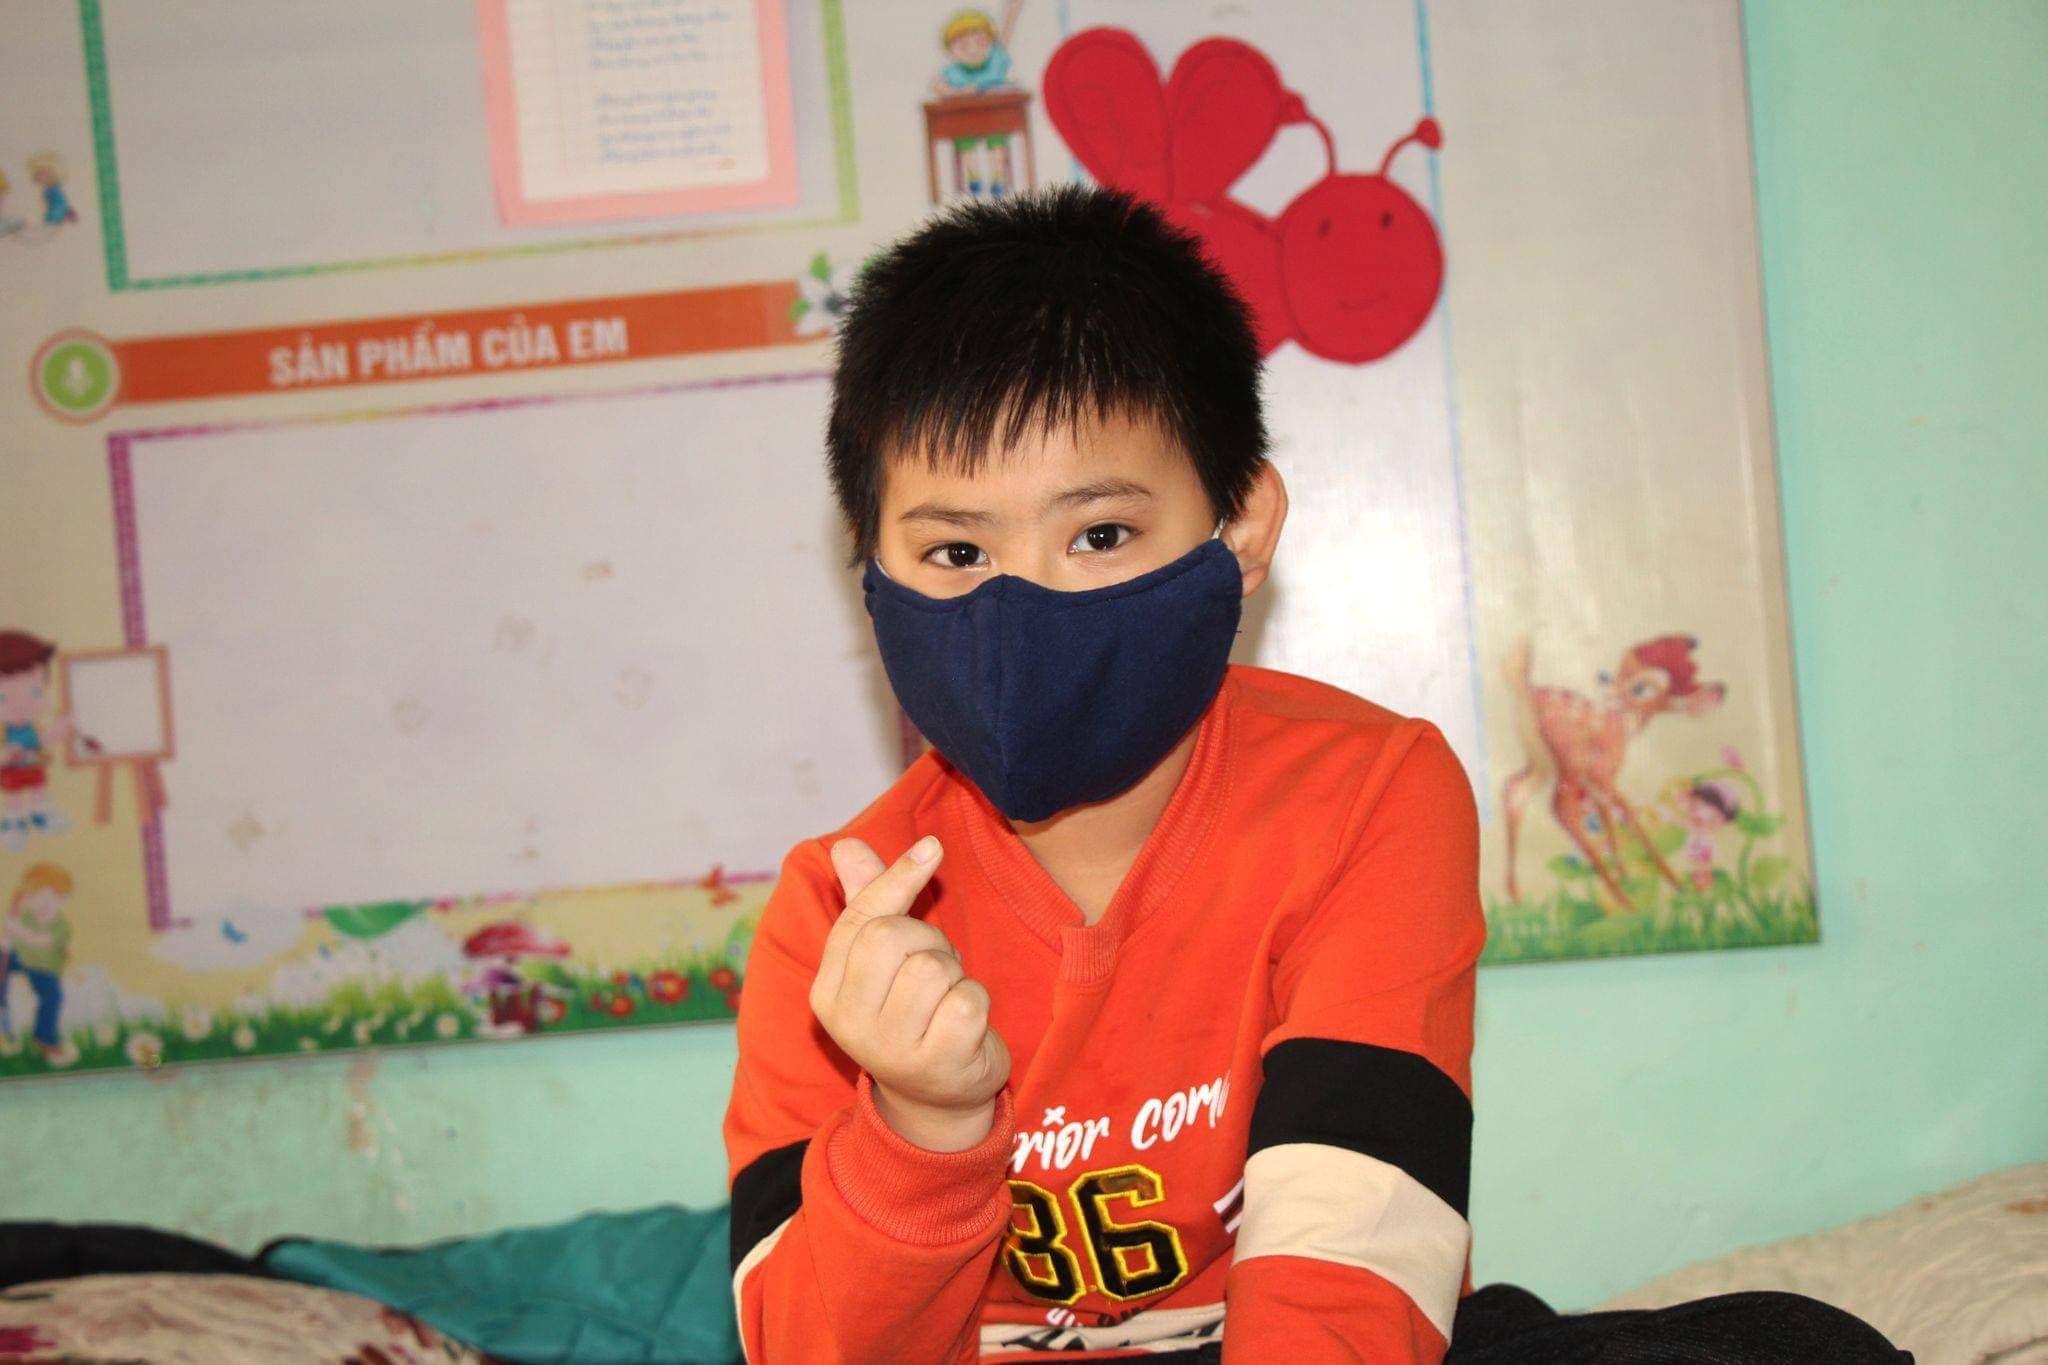 Bắc Ninh, Sa Pa cho học sinh nghỉ học từ hôm nay - 1